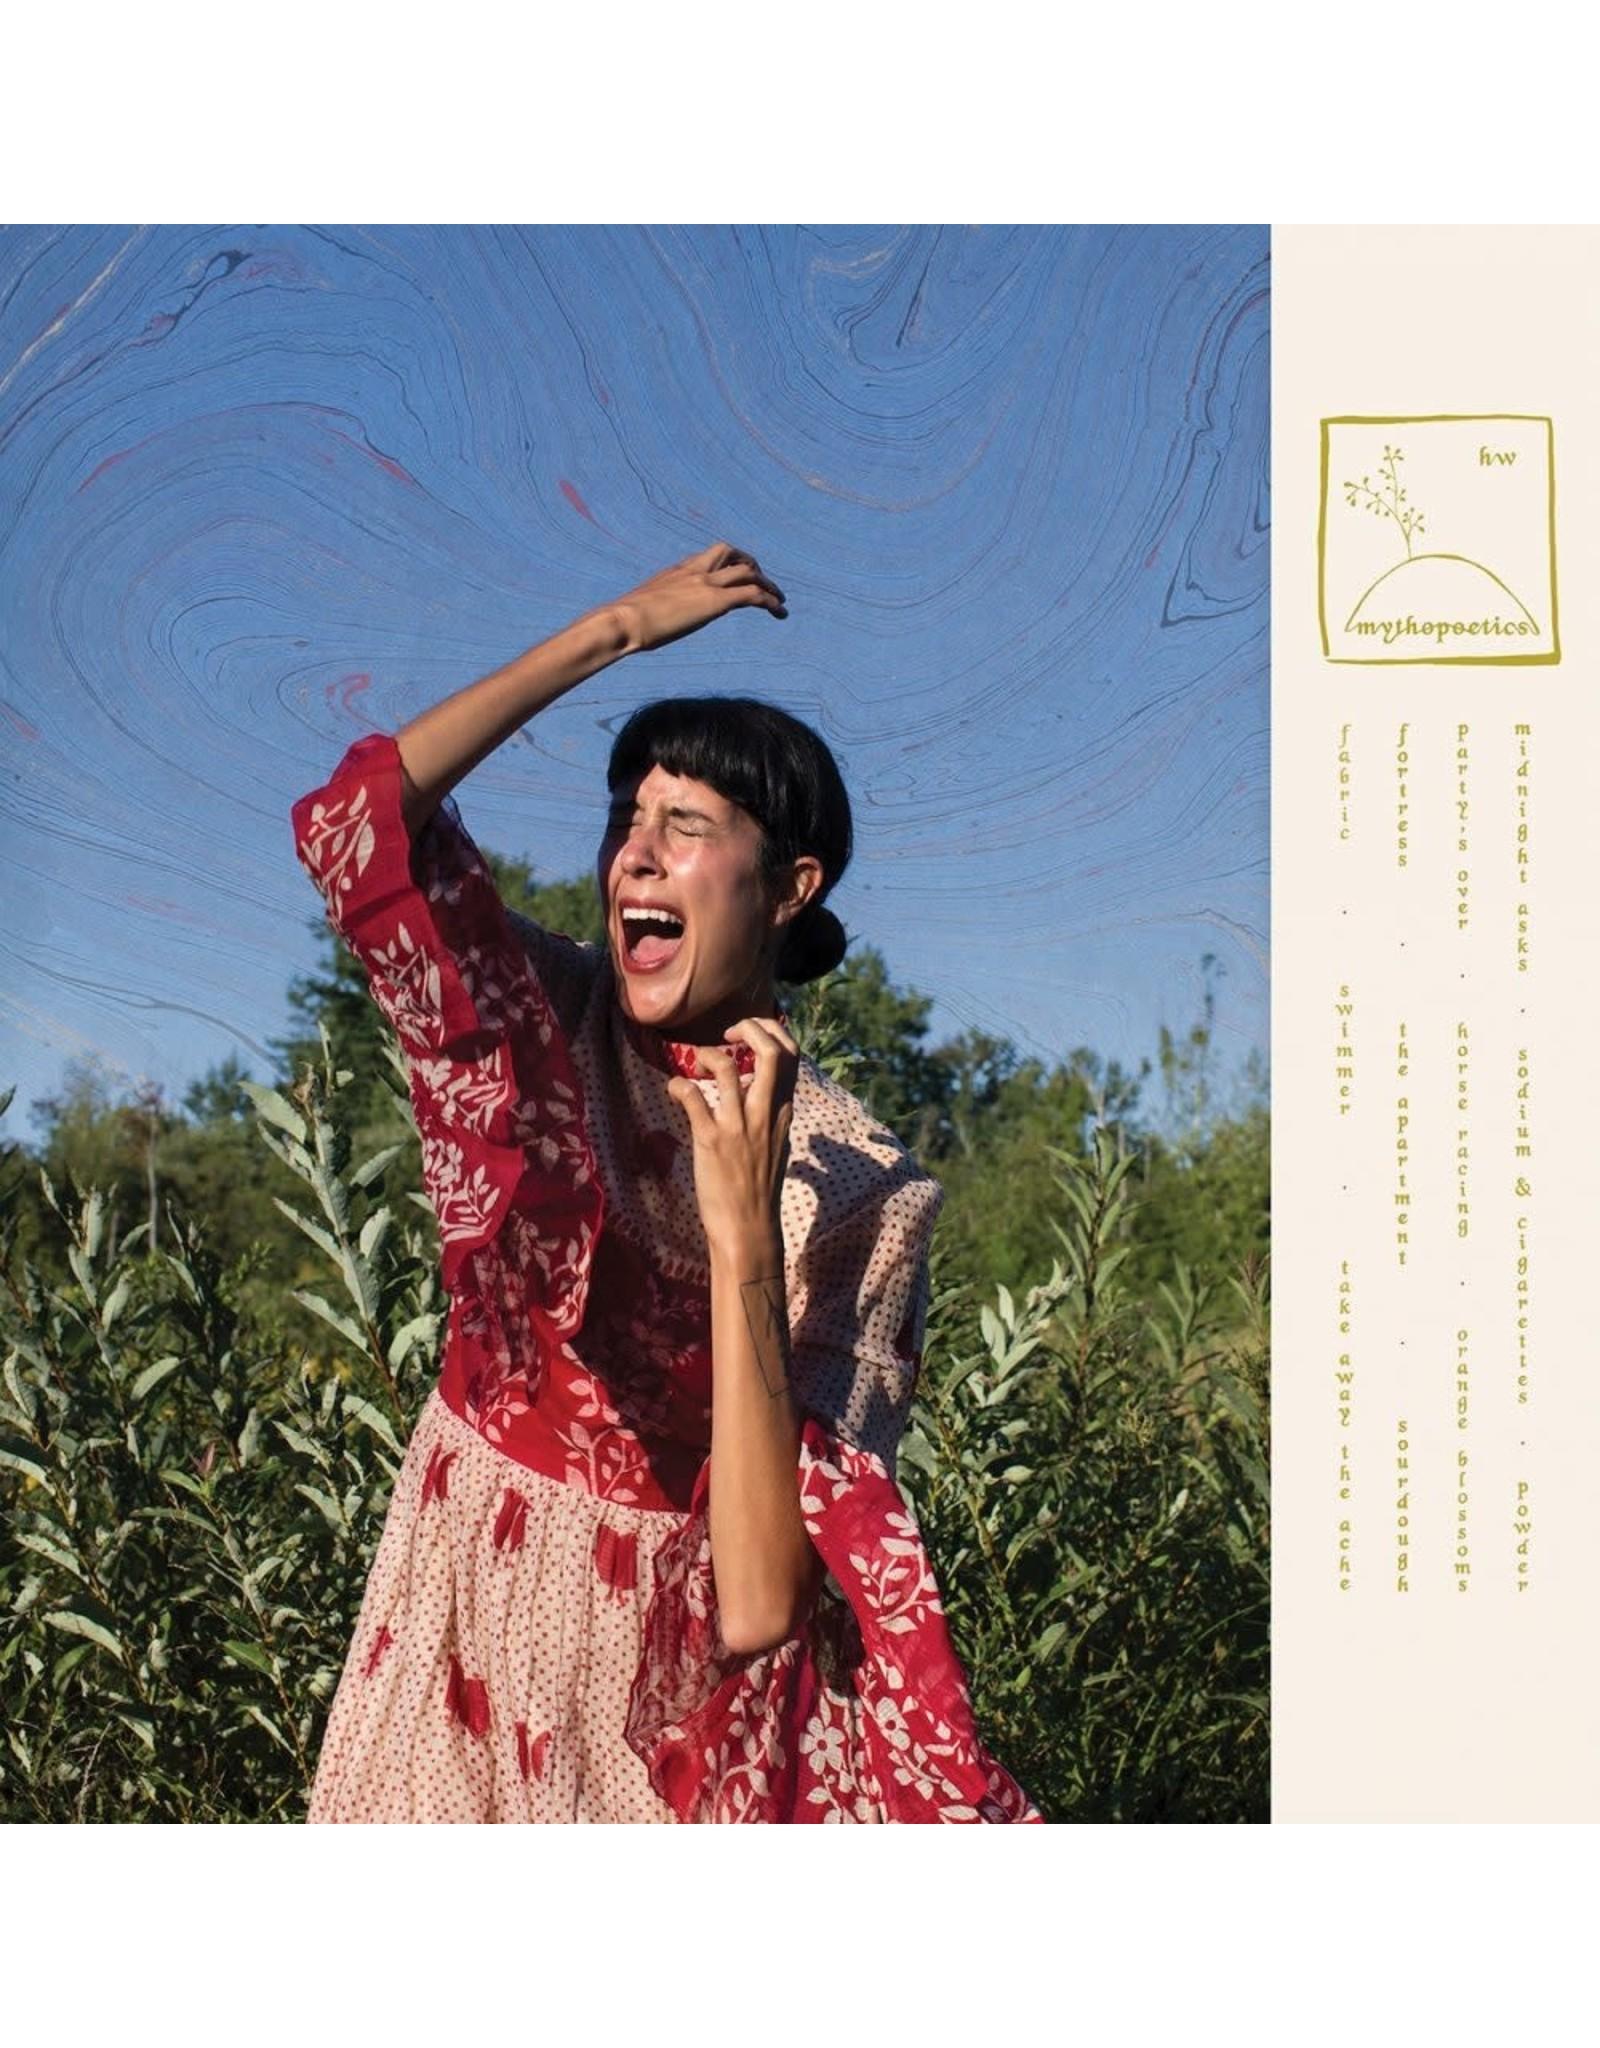 Half Waif - Mythopoetics (indie shop splatter vinyl) LP